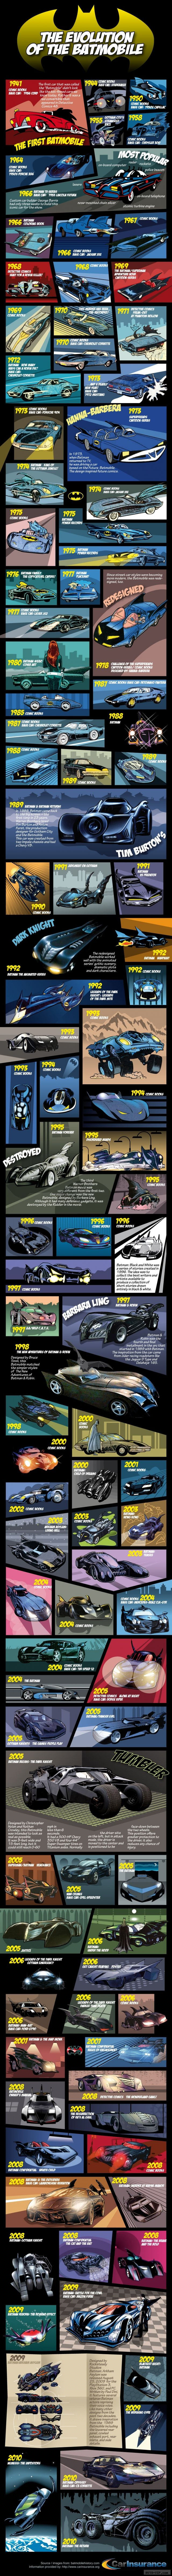 Эволюция Бэтмобилей в разные годы